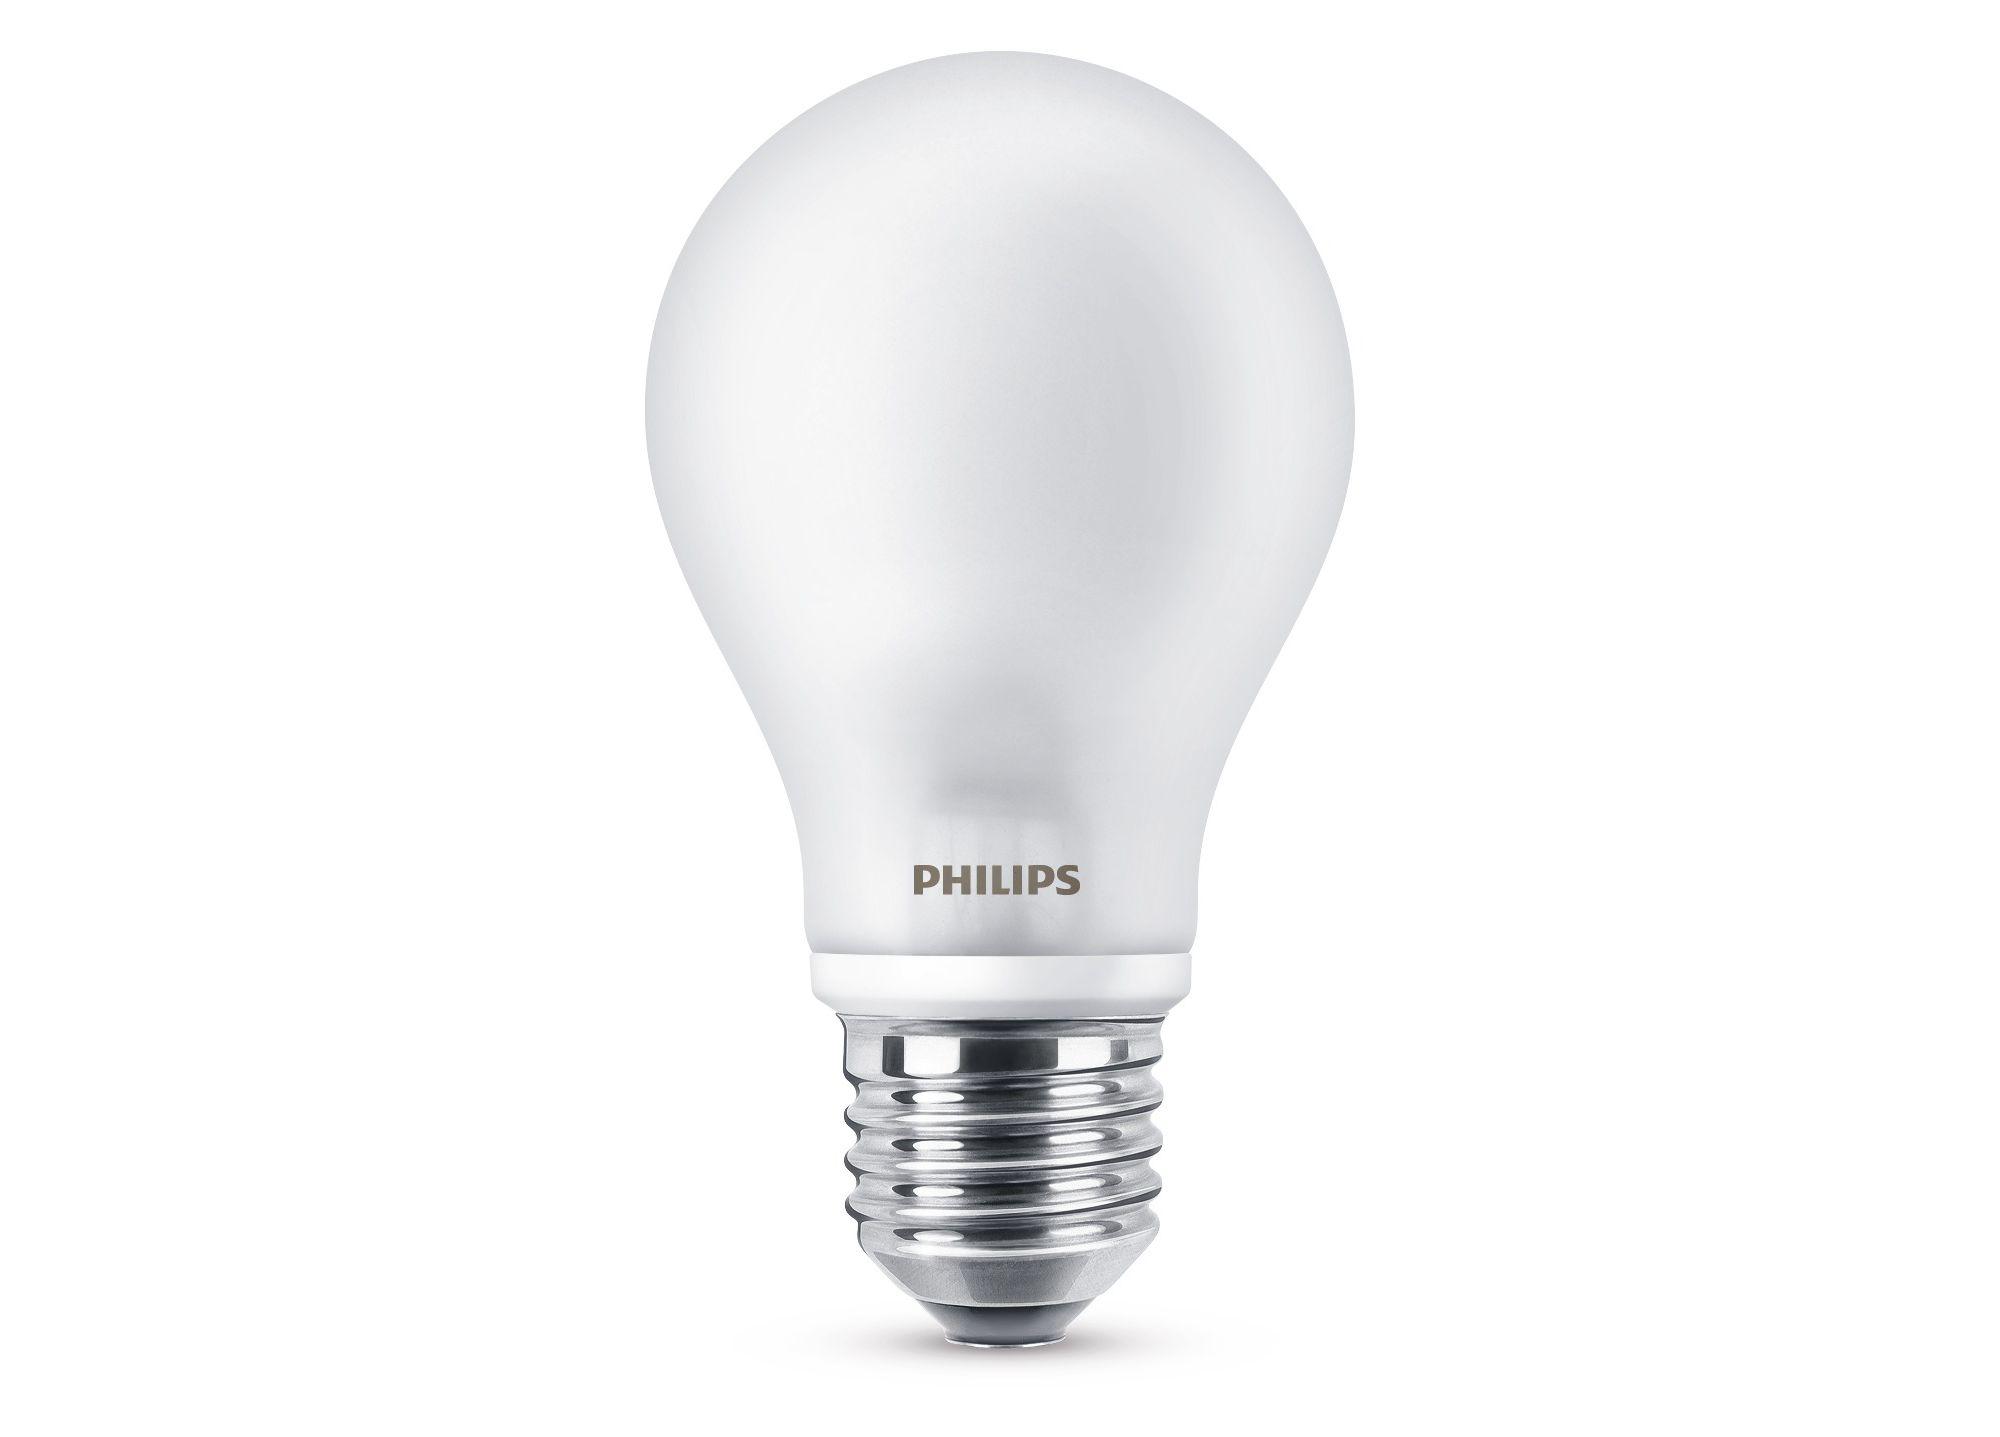 Philips Lampadina a LED Lampadina a LED - Incaled40865